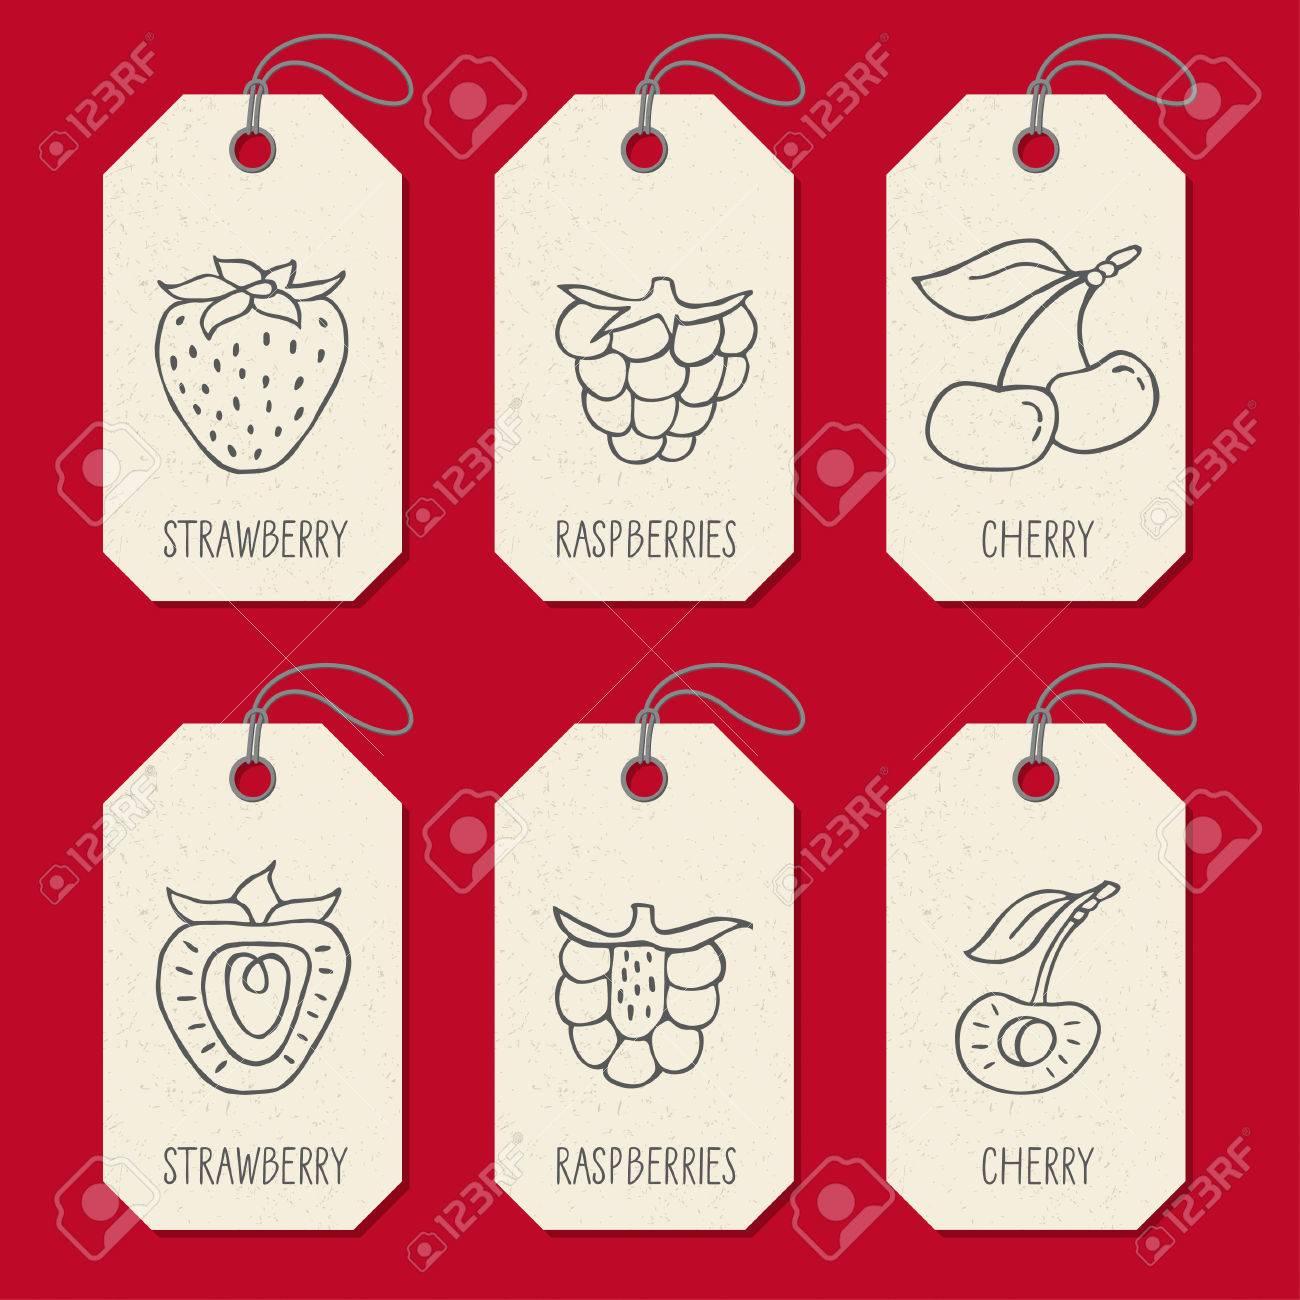 Conjunto De Etiquetas O Plantillas De Etiquetas Con Fruta A Mano ...